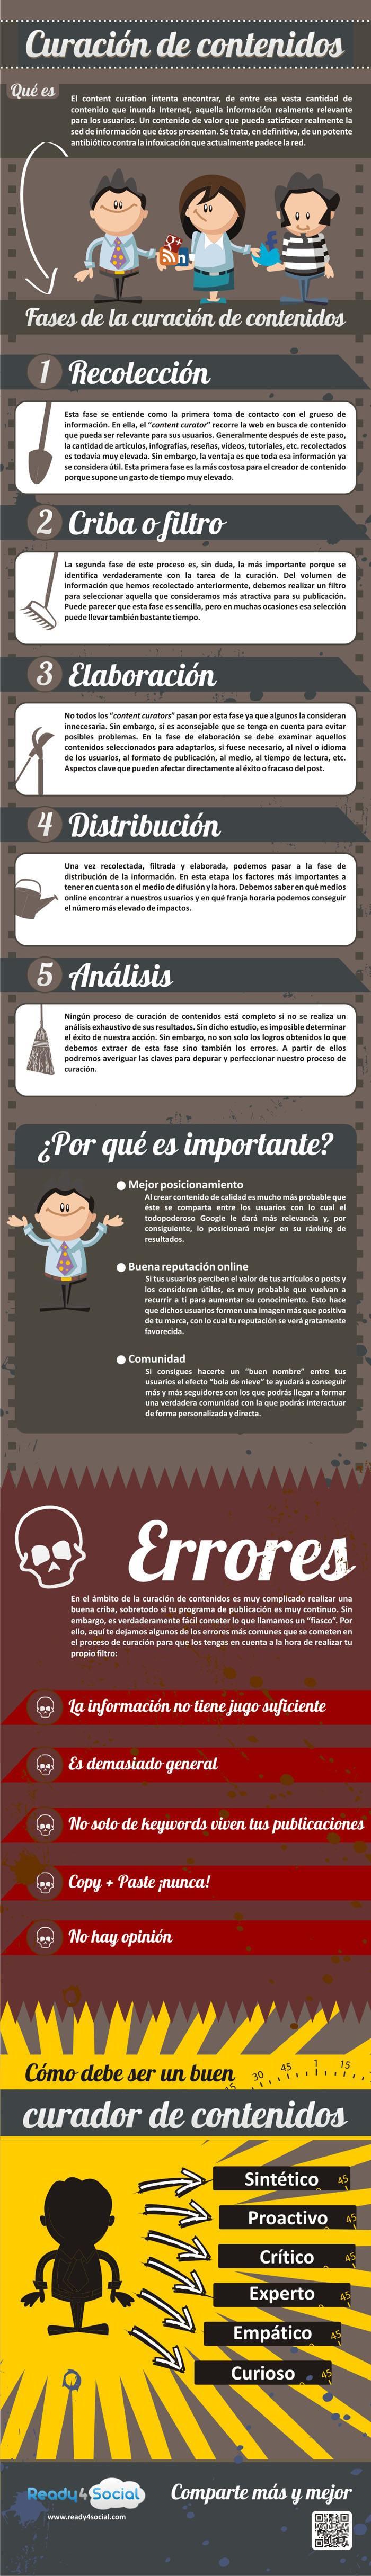 curacion_de_contenidos_infografia